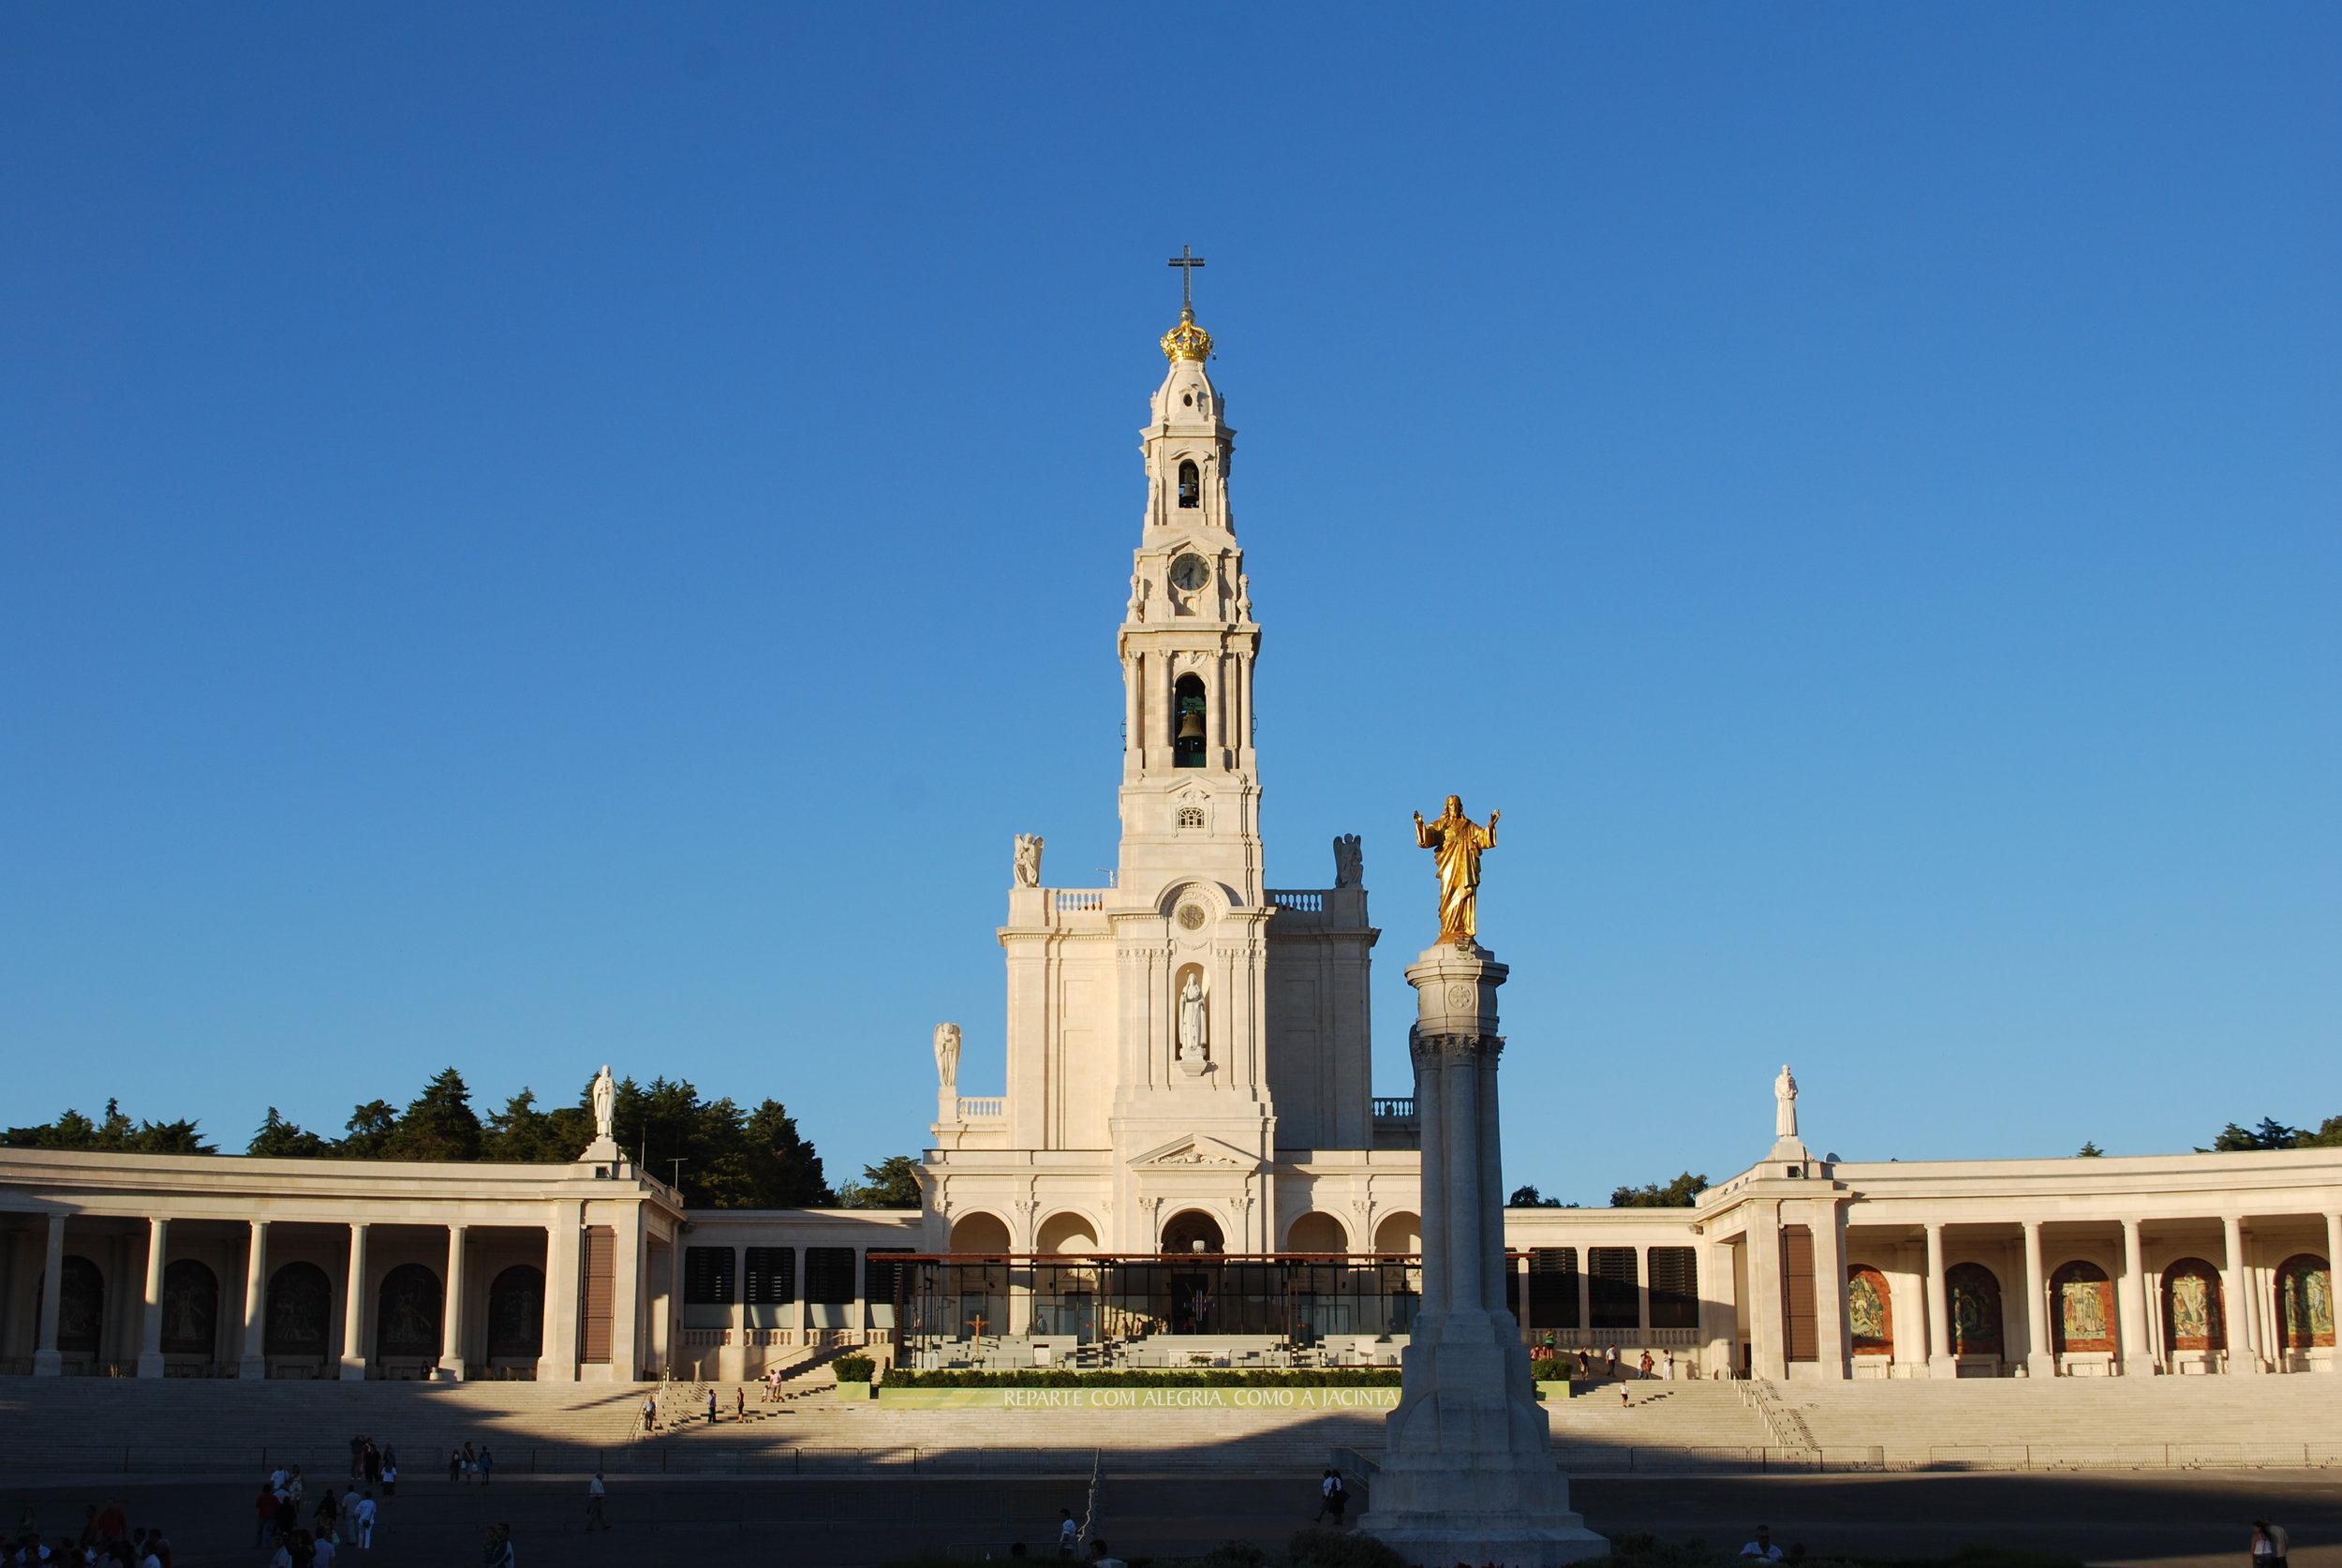 Santuário_de_Fátima_-_Vista_geral.jpg